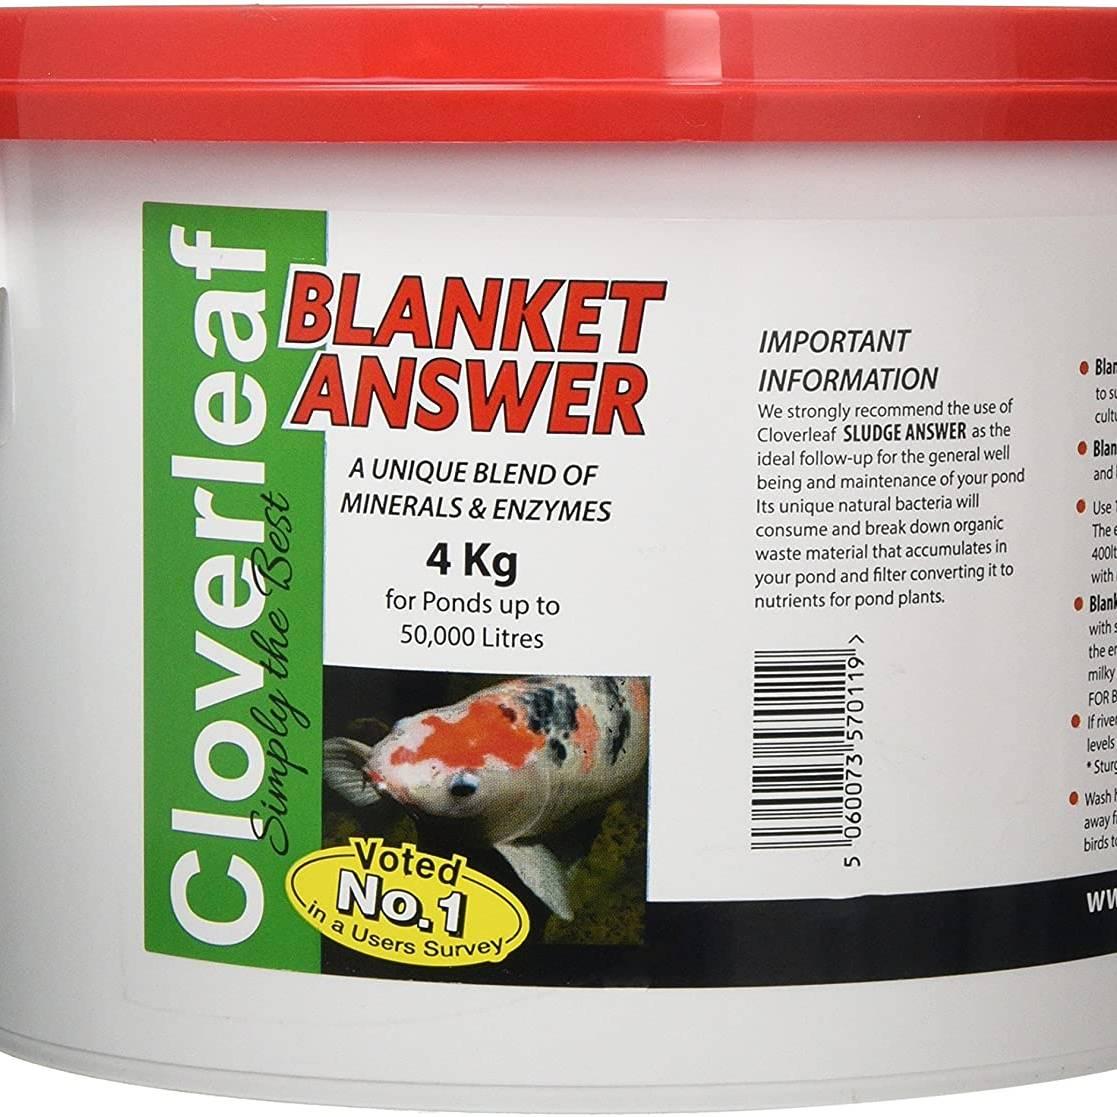 Cloverleaf Blanket Answer 4kg